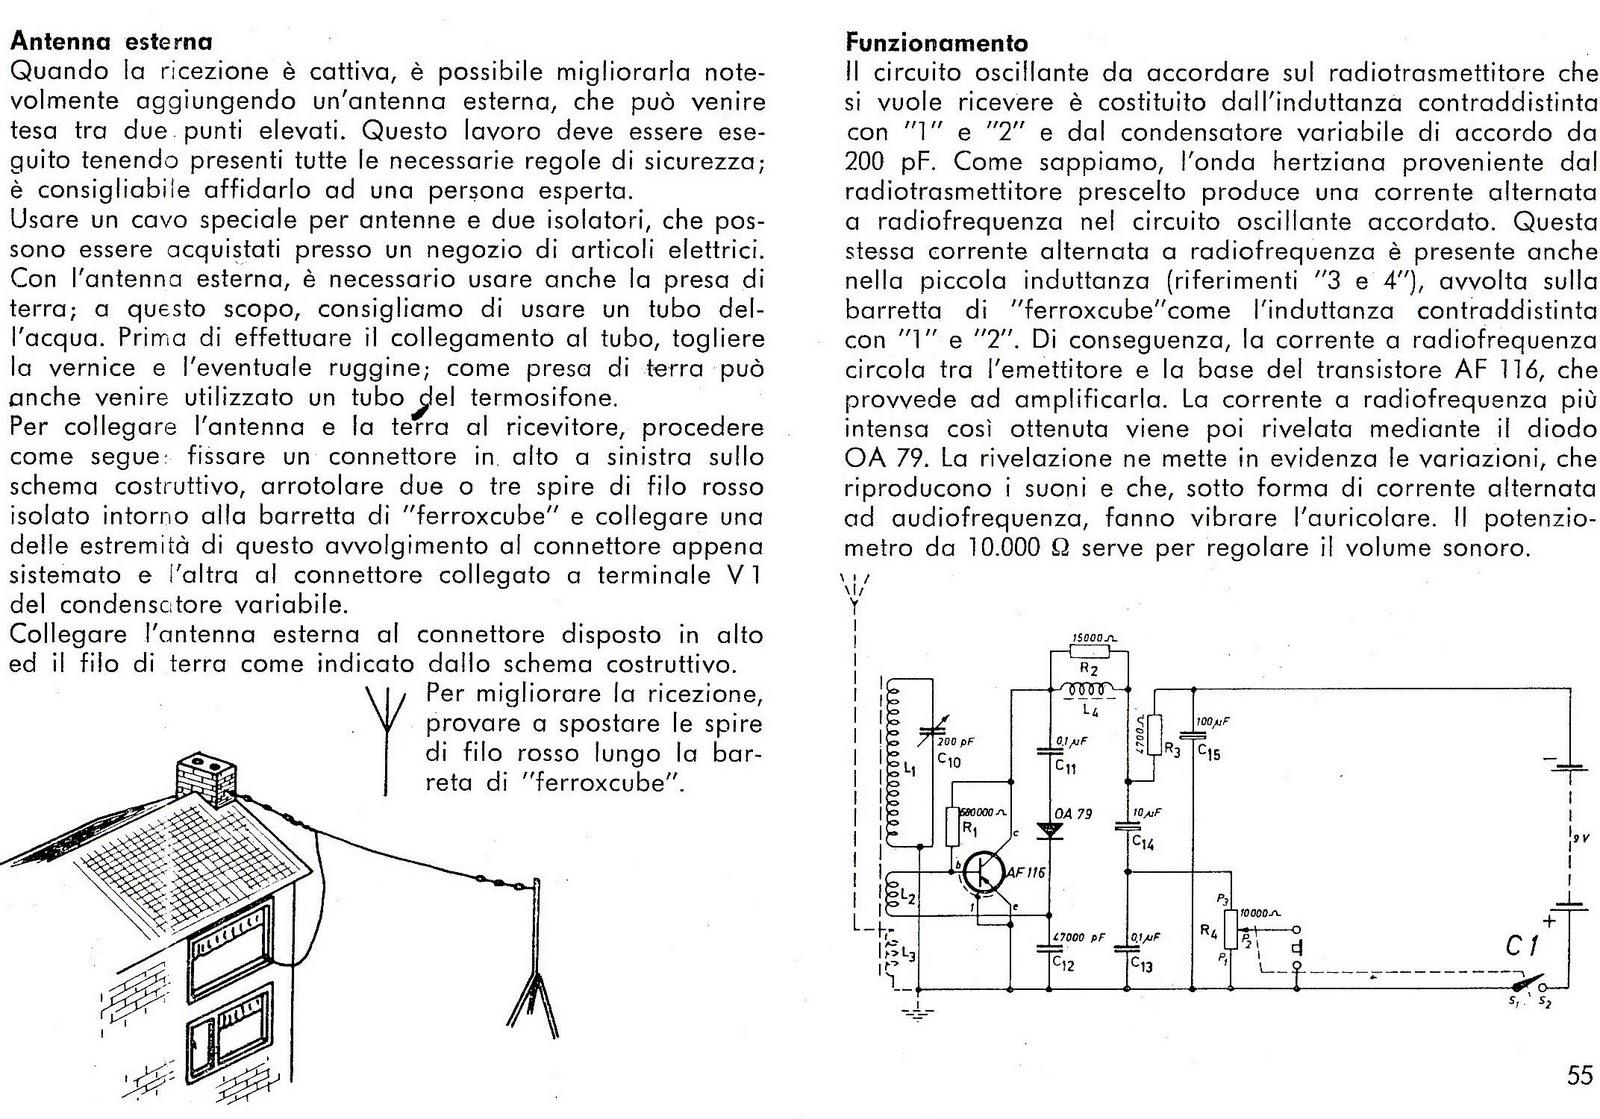 Schema Elettrico Generatore Di Ultrasuoni : Air radiorama